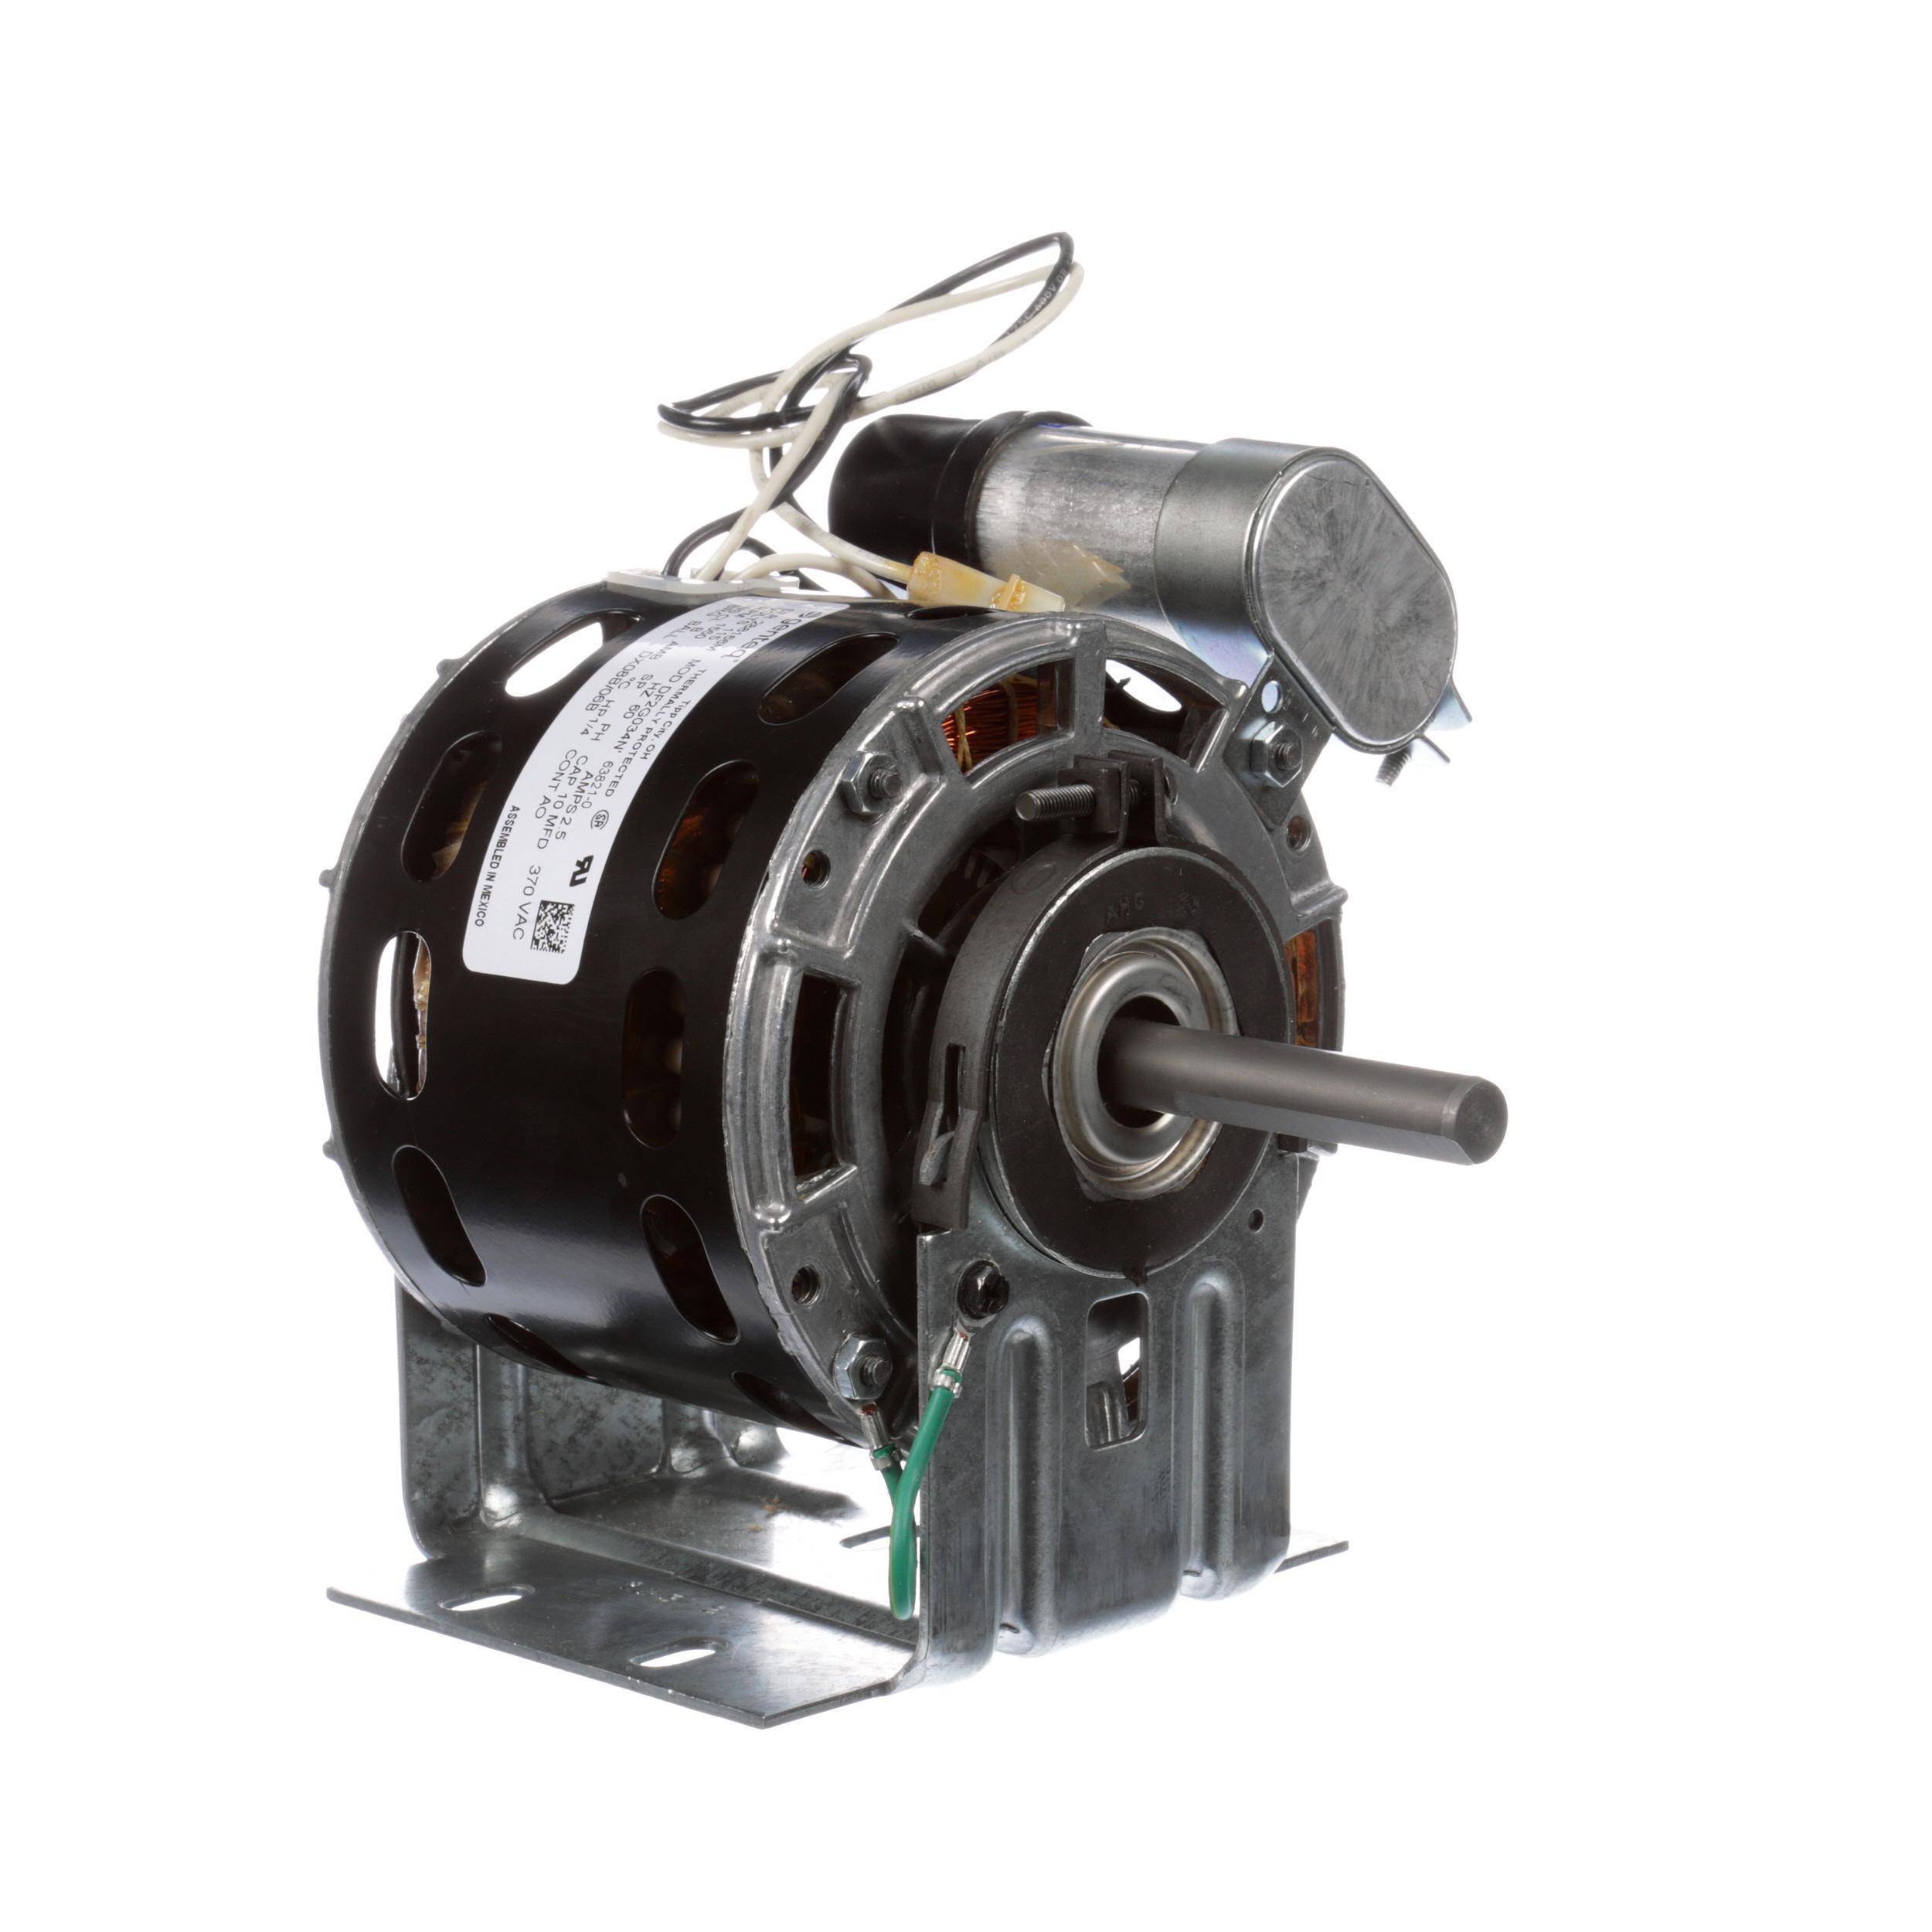 Penn Ventilation Motor Part 63821 0